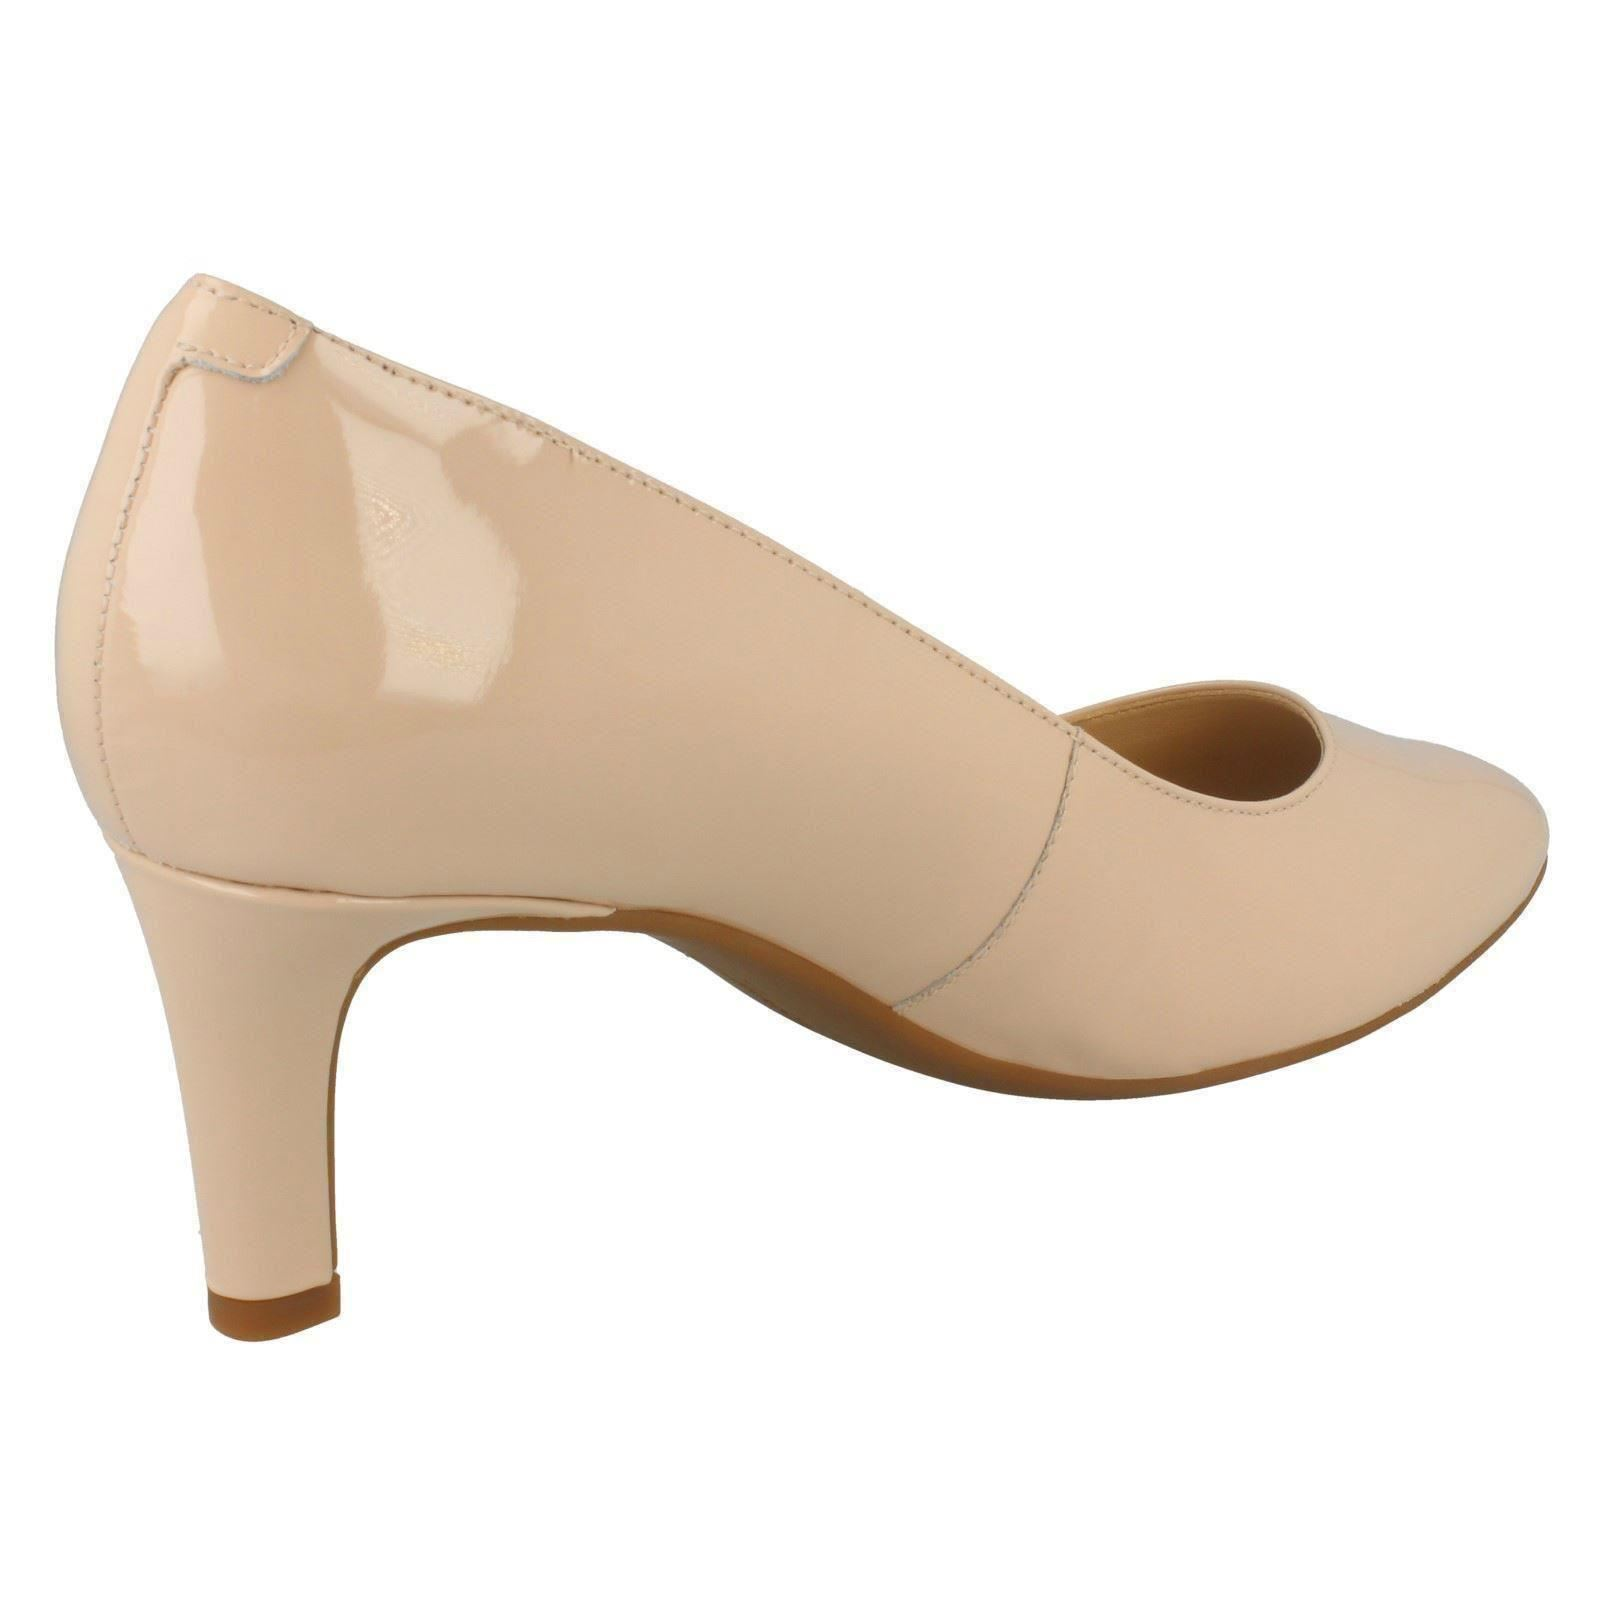 785477d2a92f84 ... mesdames clarks glisse sur cour cour cour chaussures calla rose |  Merveilleux 11f7c7 ...